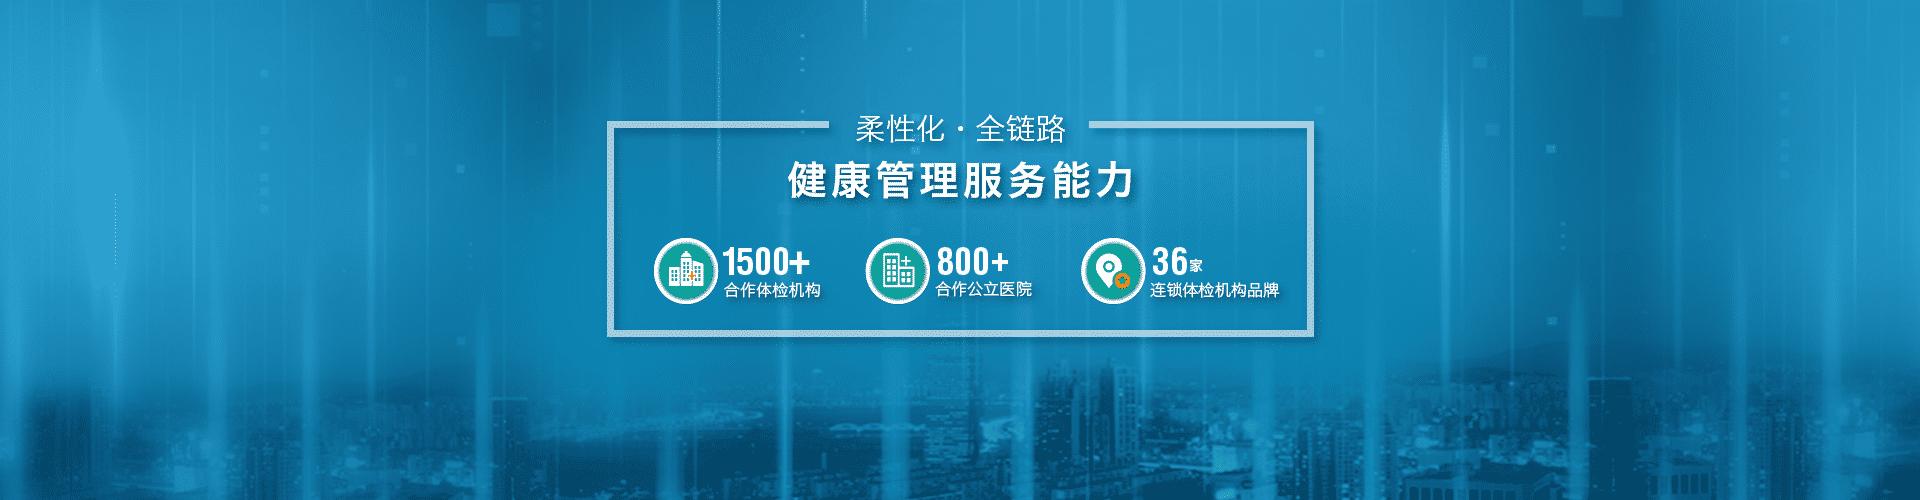 基礎體檢 入職(zhi)體檢 企業團檢 公司體檢 高端體檢 VIP體檢